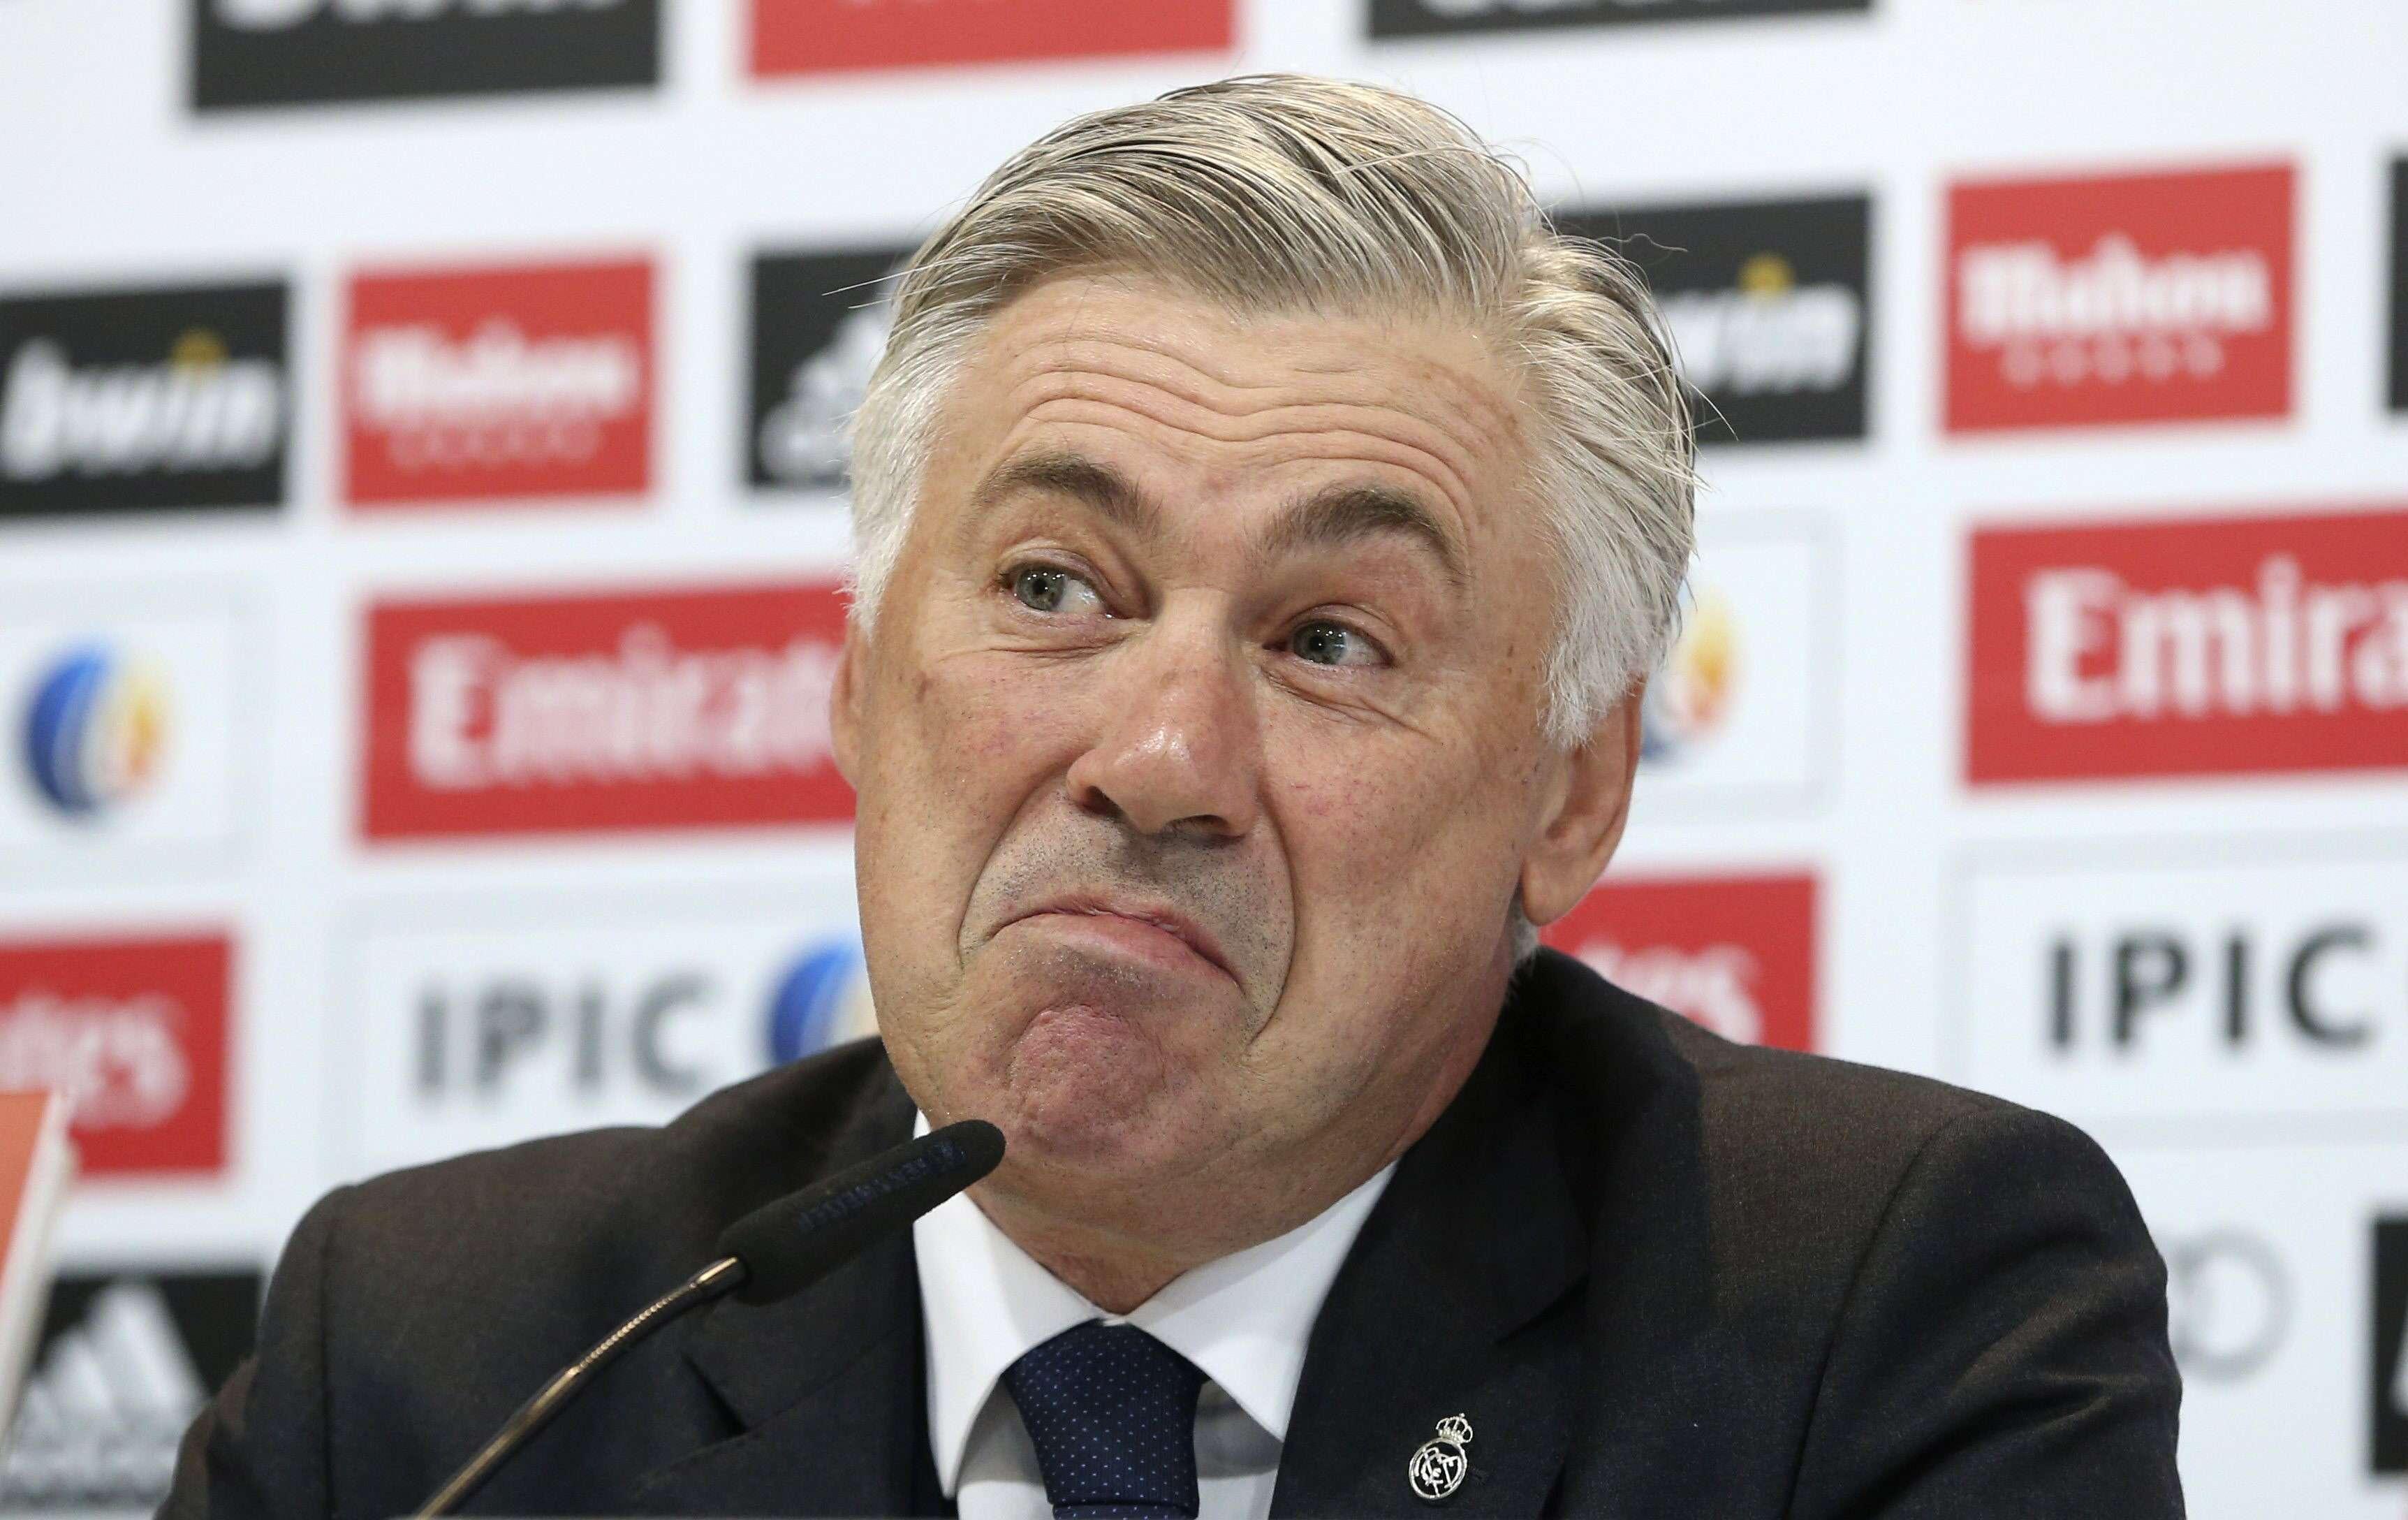 """Ancelotti discordou de chefe da Fifa e disparou: """"impossível calar a boca do Blatter"""" Foto: JJ Guillén/EFE"""